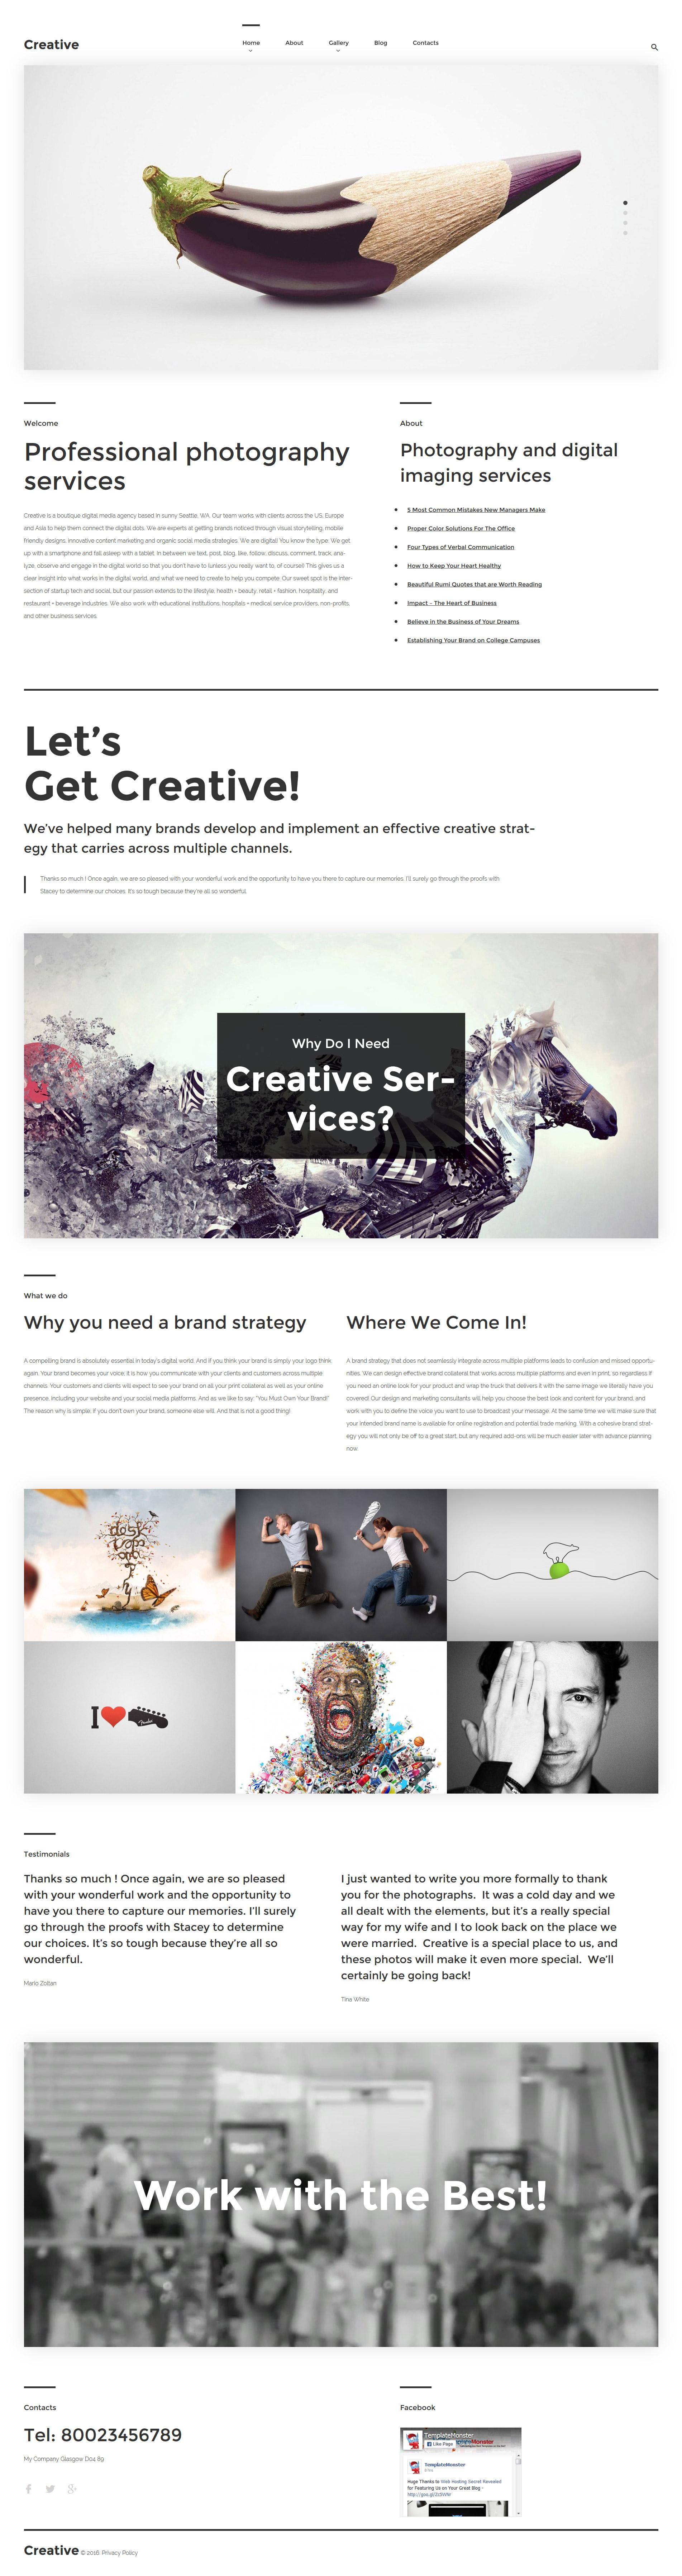 Reszponzív Creative WordPress sablon 57554 - képernyőkép